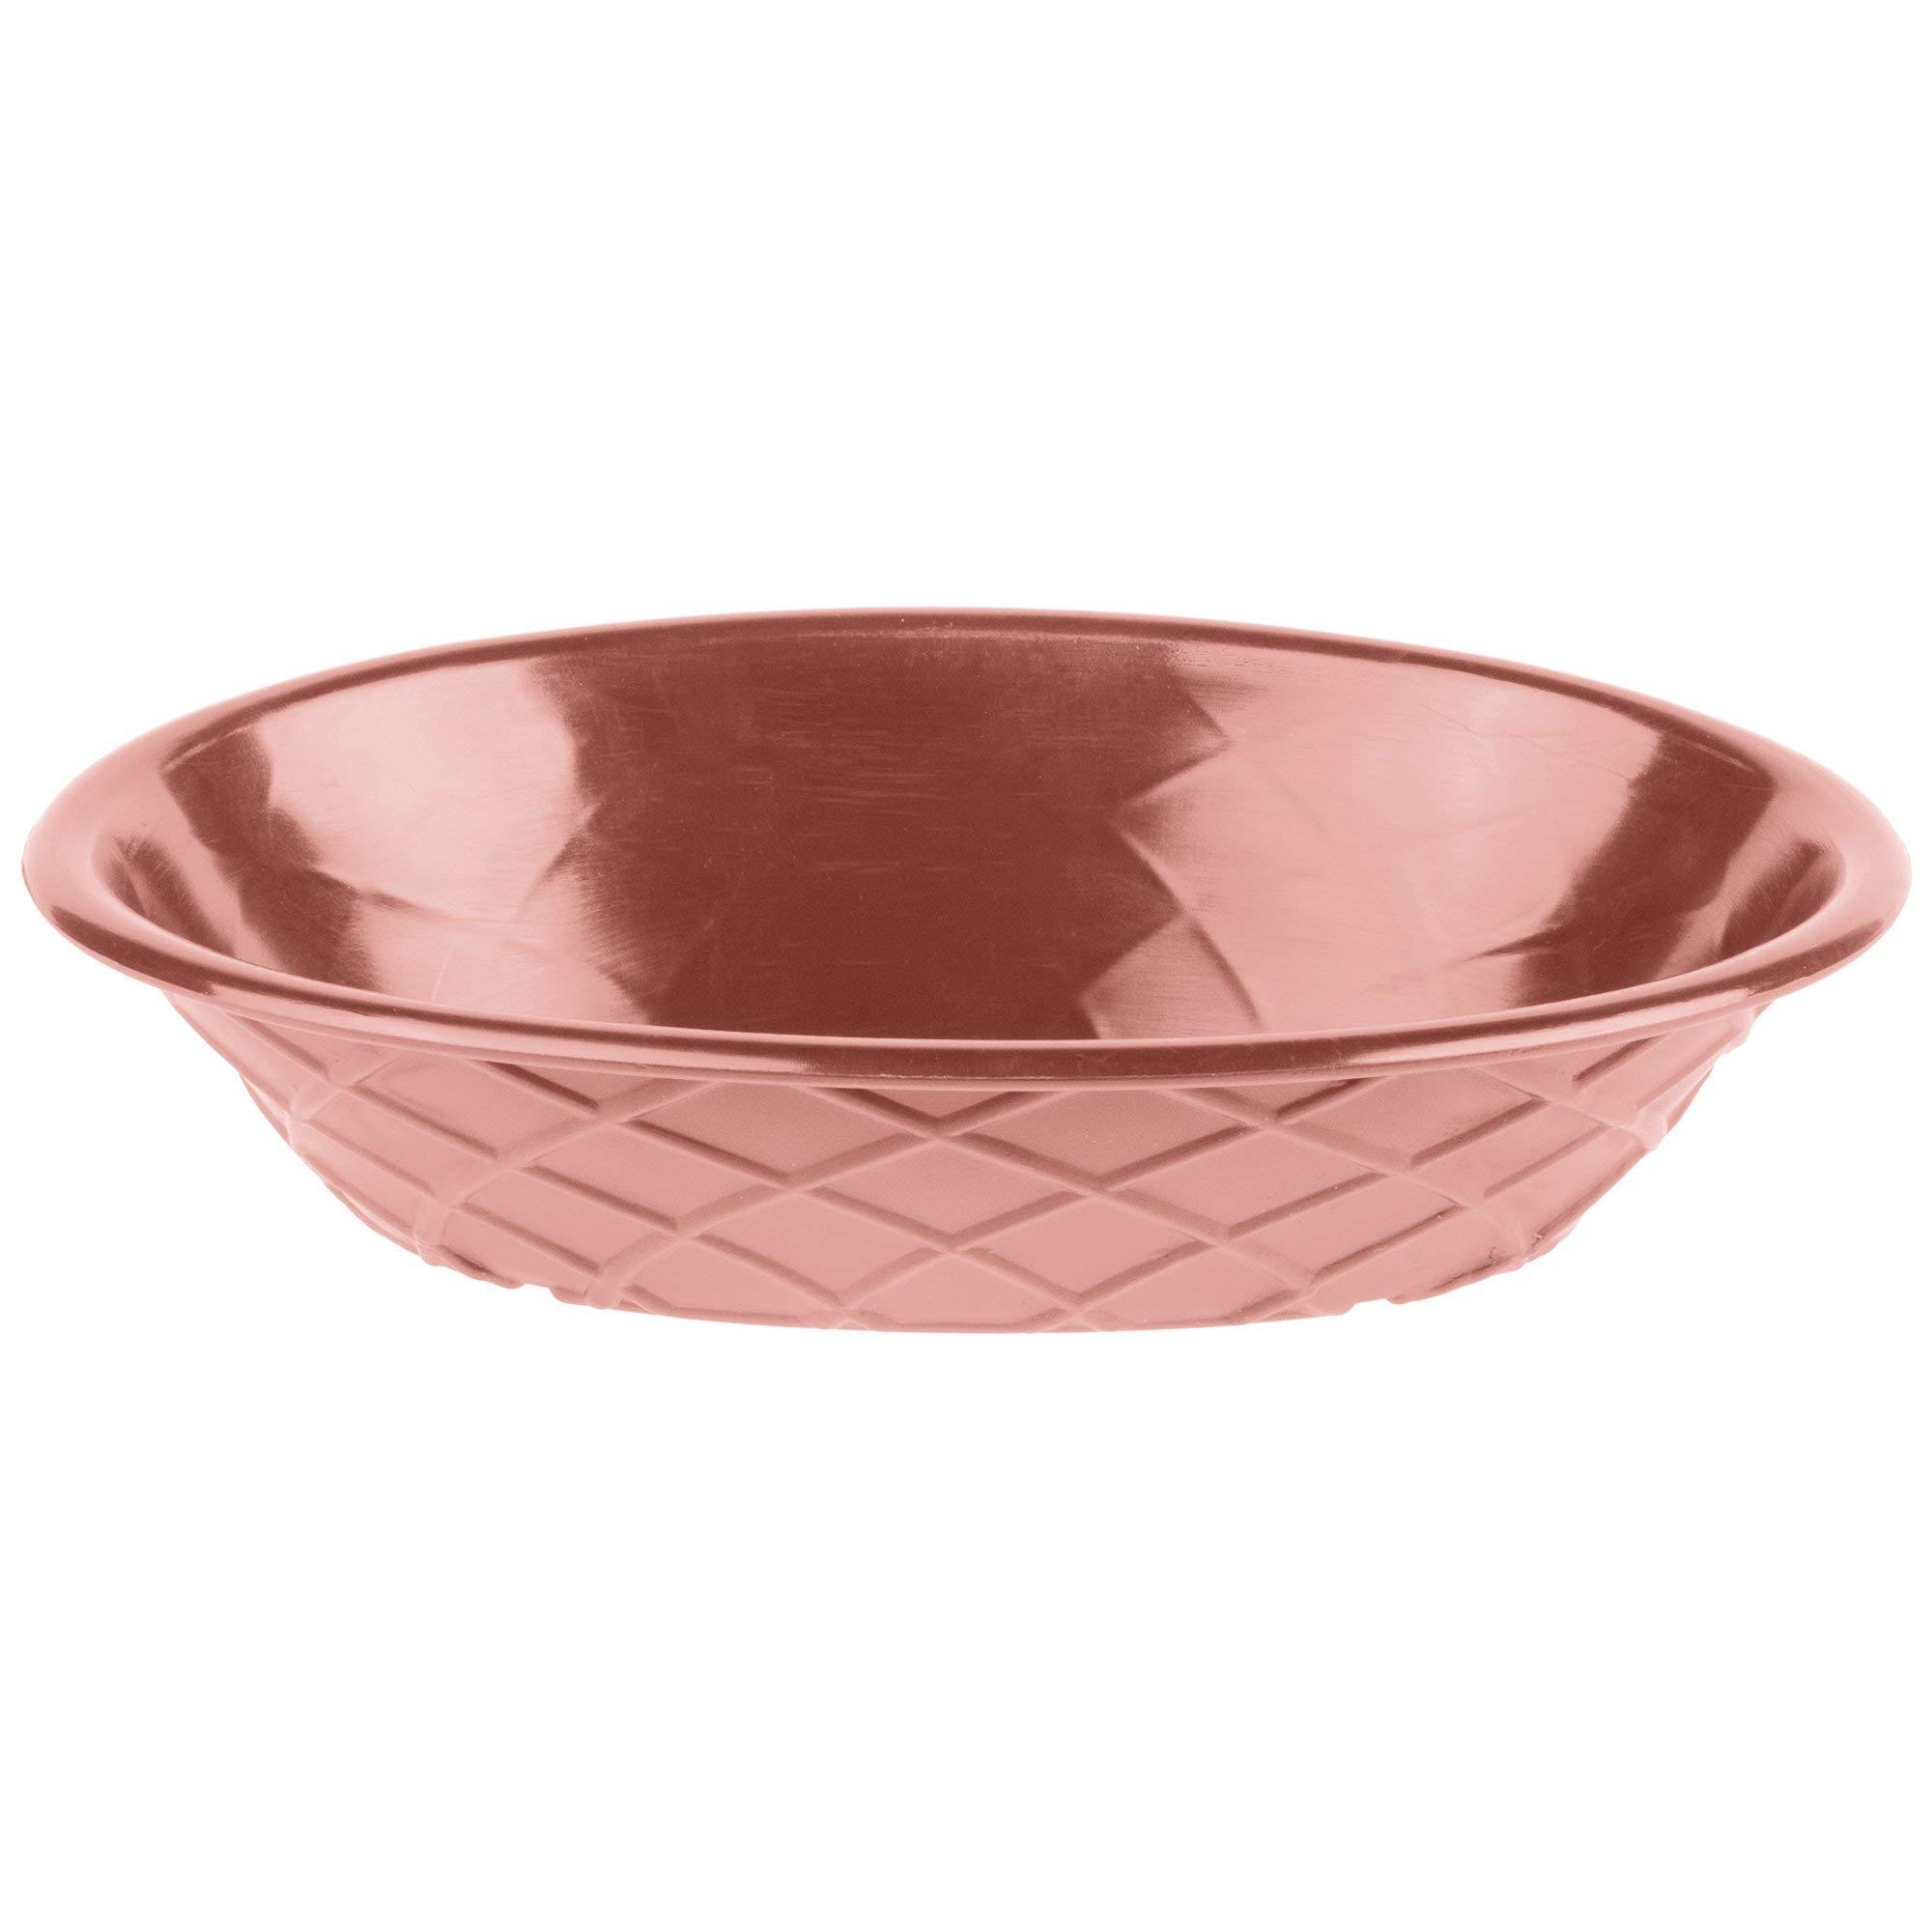 TableTop King HS1048 9'' x 5 1/2'' x 2'' Paprika Polyethylene Oval Weave Basket - 24/Case